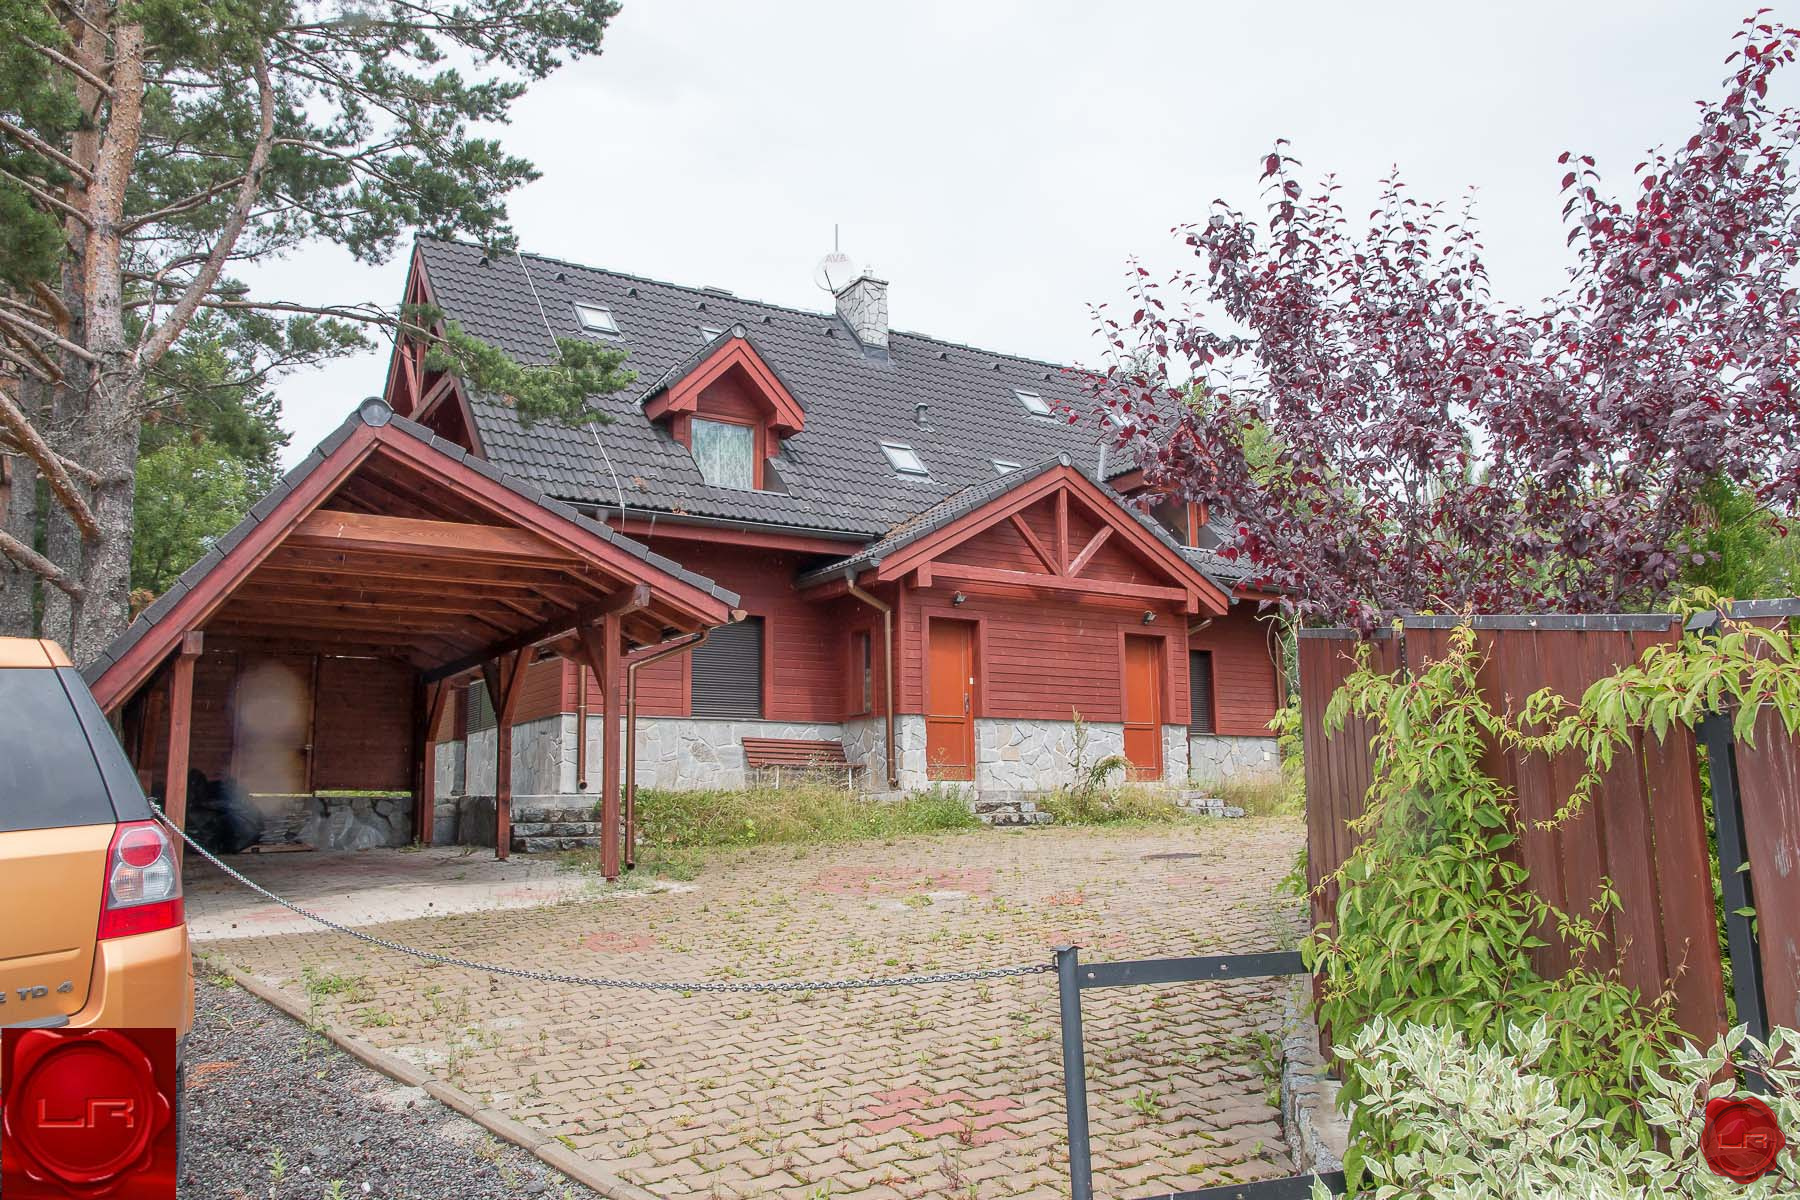 predané Víkendový rodinný dom s rázovitým interiérom Stará Lesná